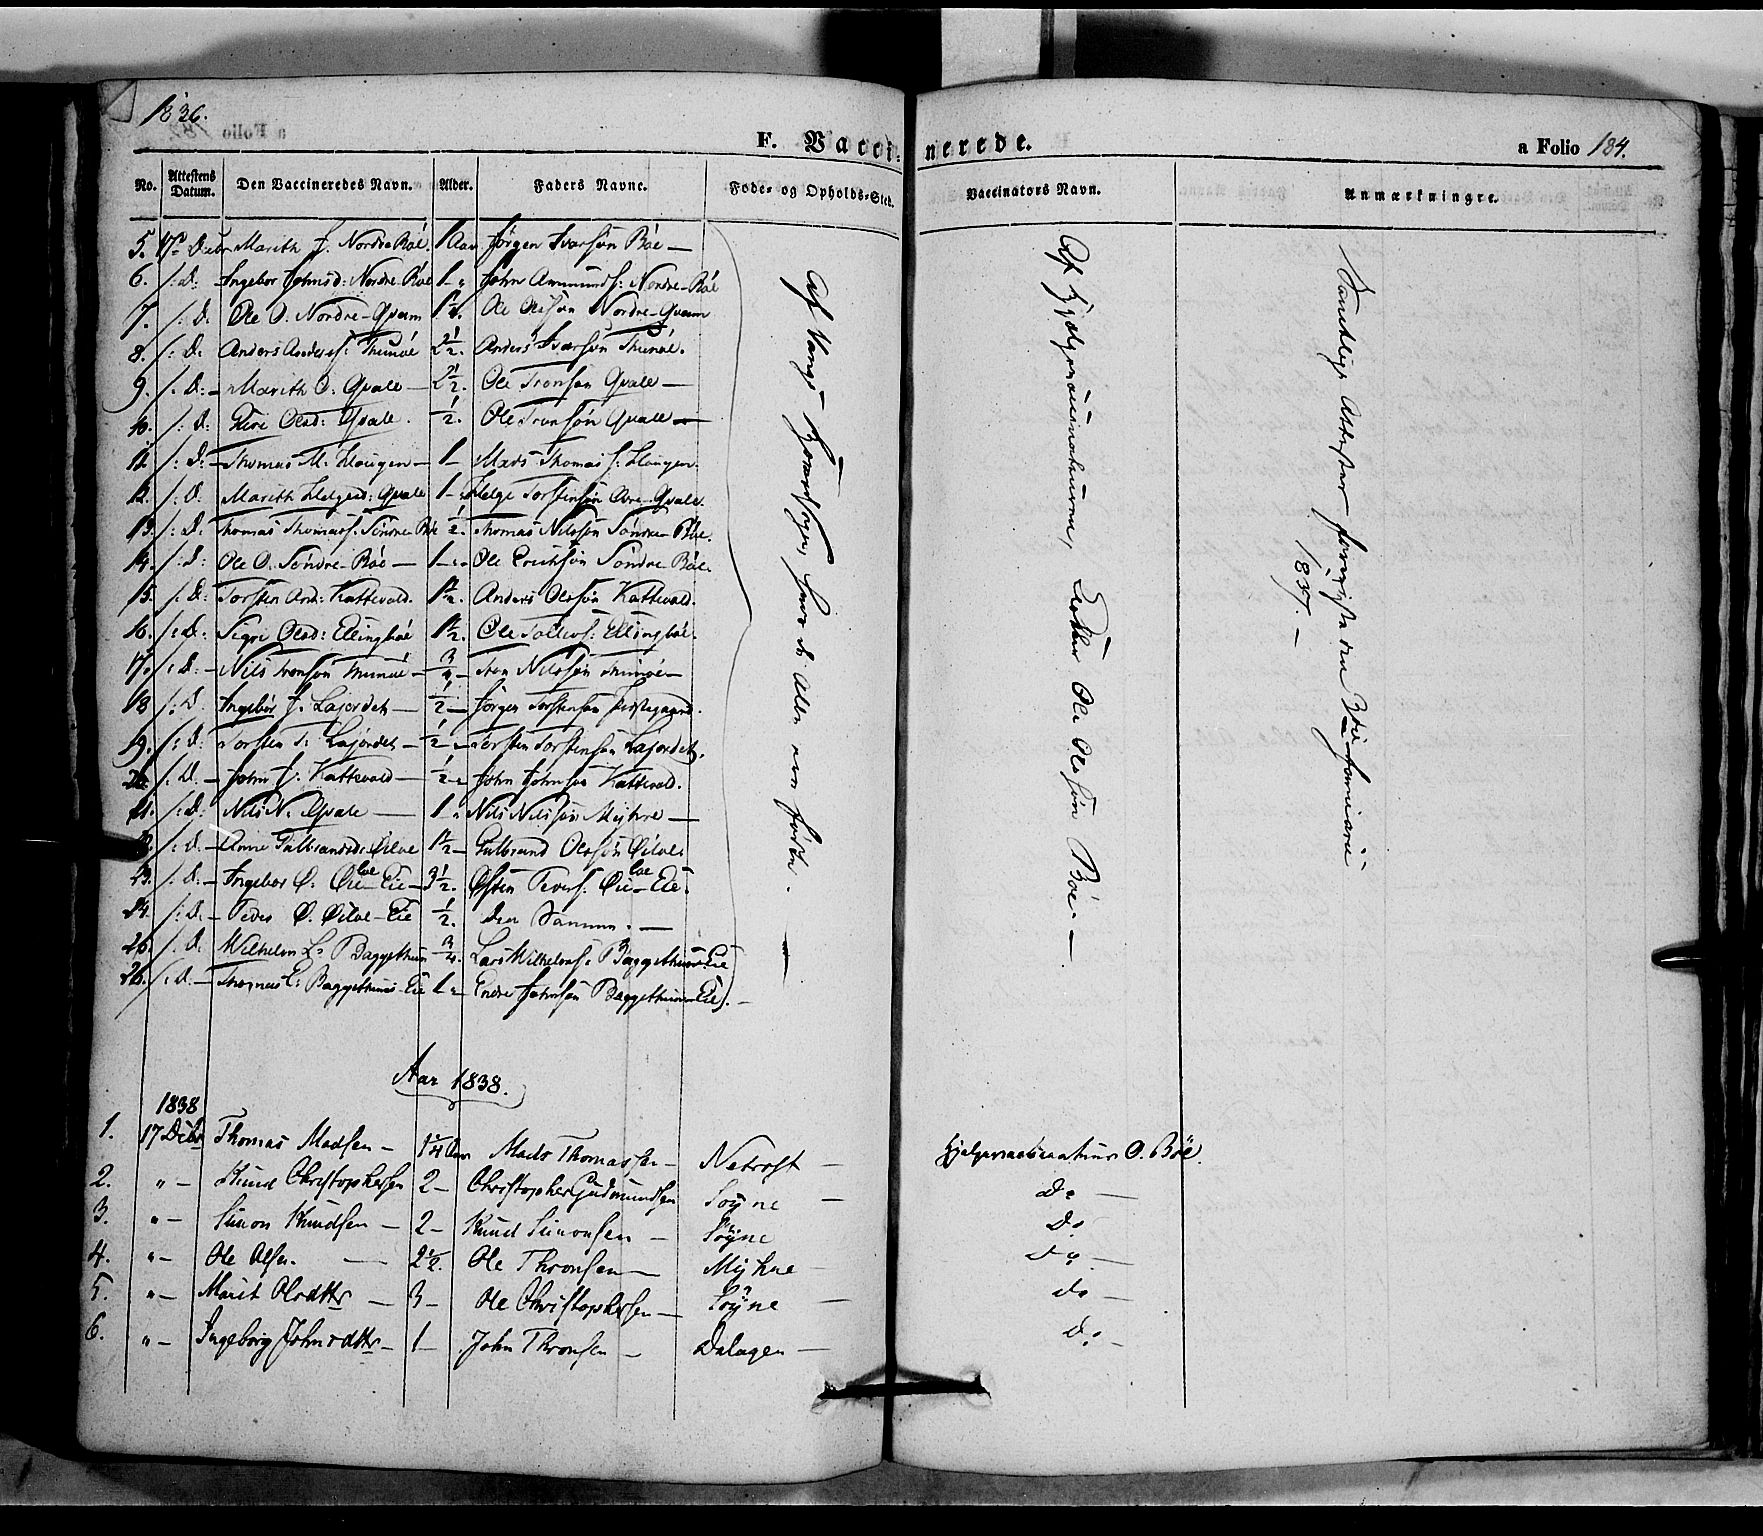 SAH, Vang prestekontor, Valdres, Ministerialbok nr. 5, 1831-1845, s. 184